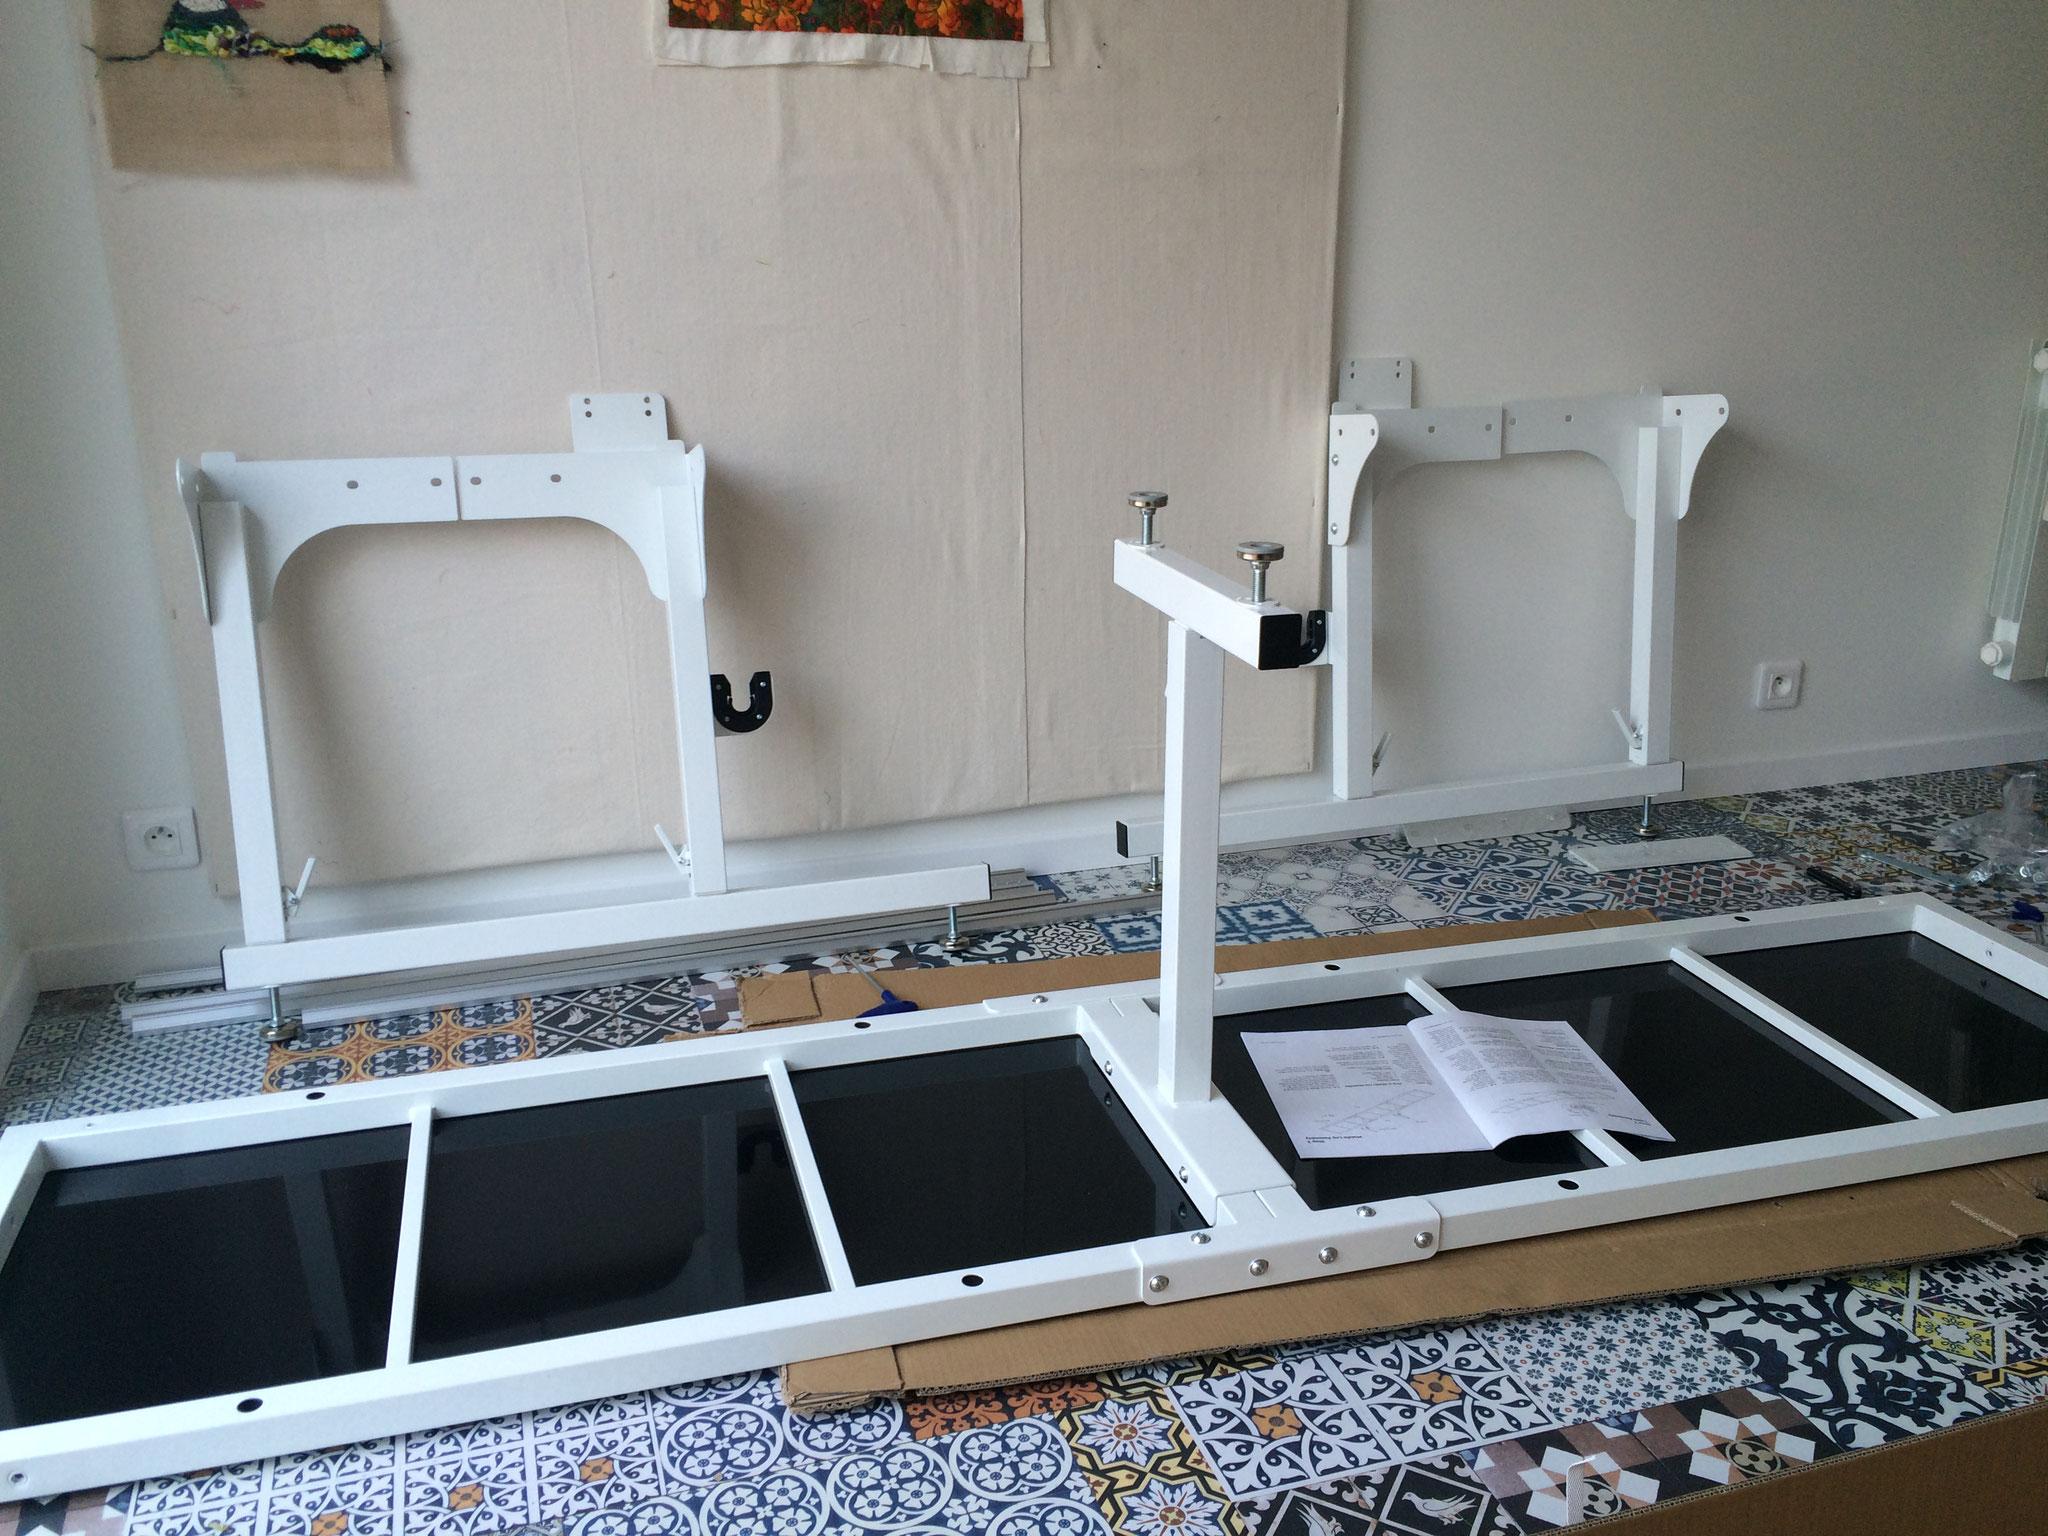 Le début du montage de la long arm de l'atelier Le Quilt émoi.  Assemblage des pieds avec la table.